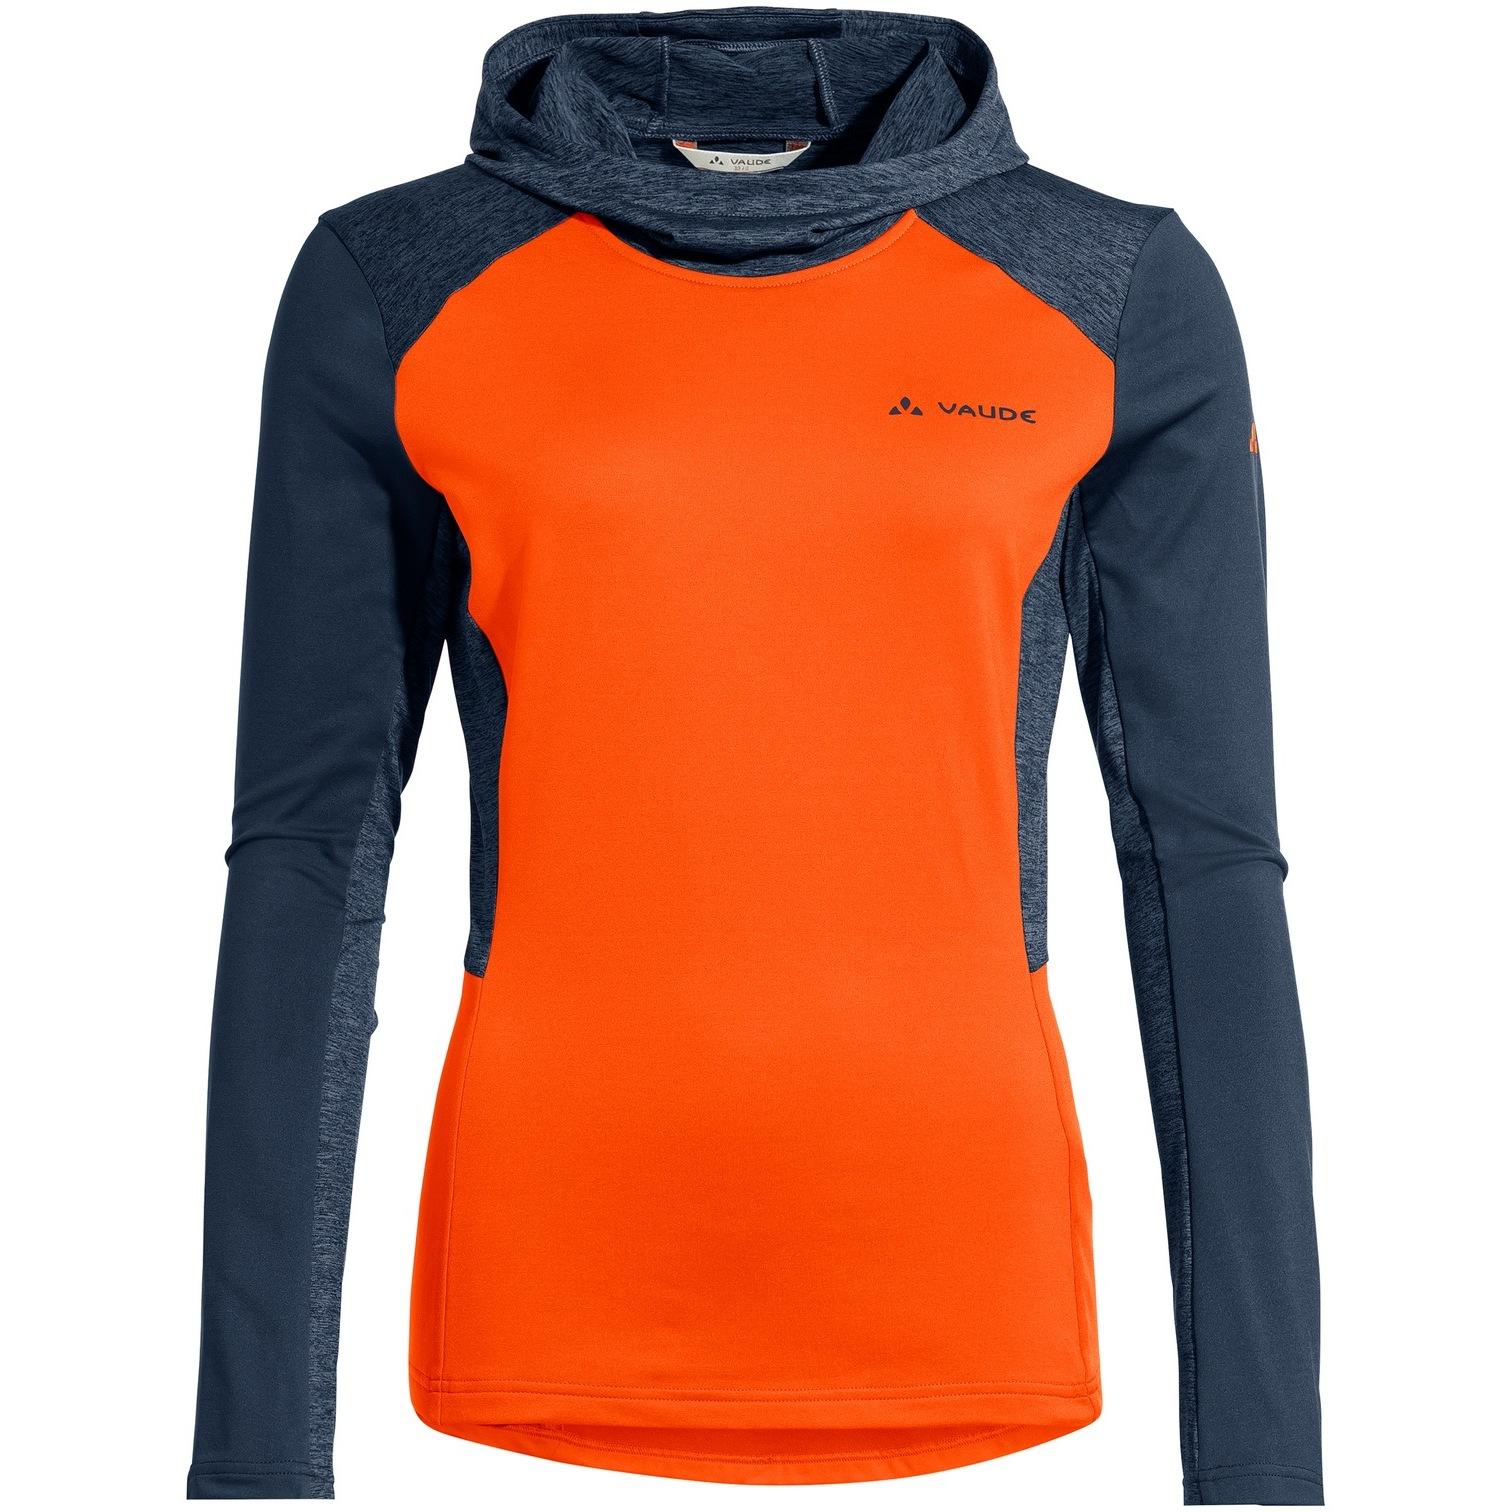 Vaude Women's Qimsa LS T-Shirt - neon orange